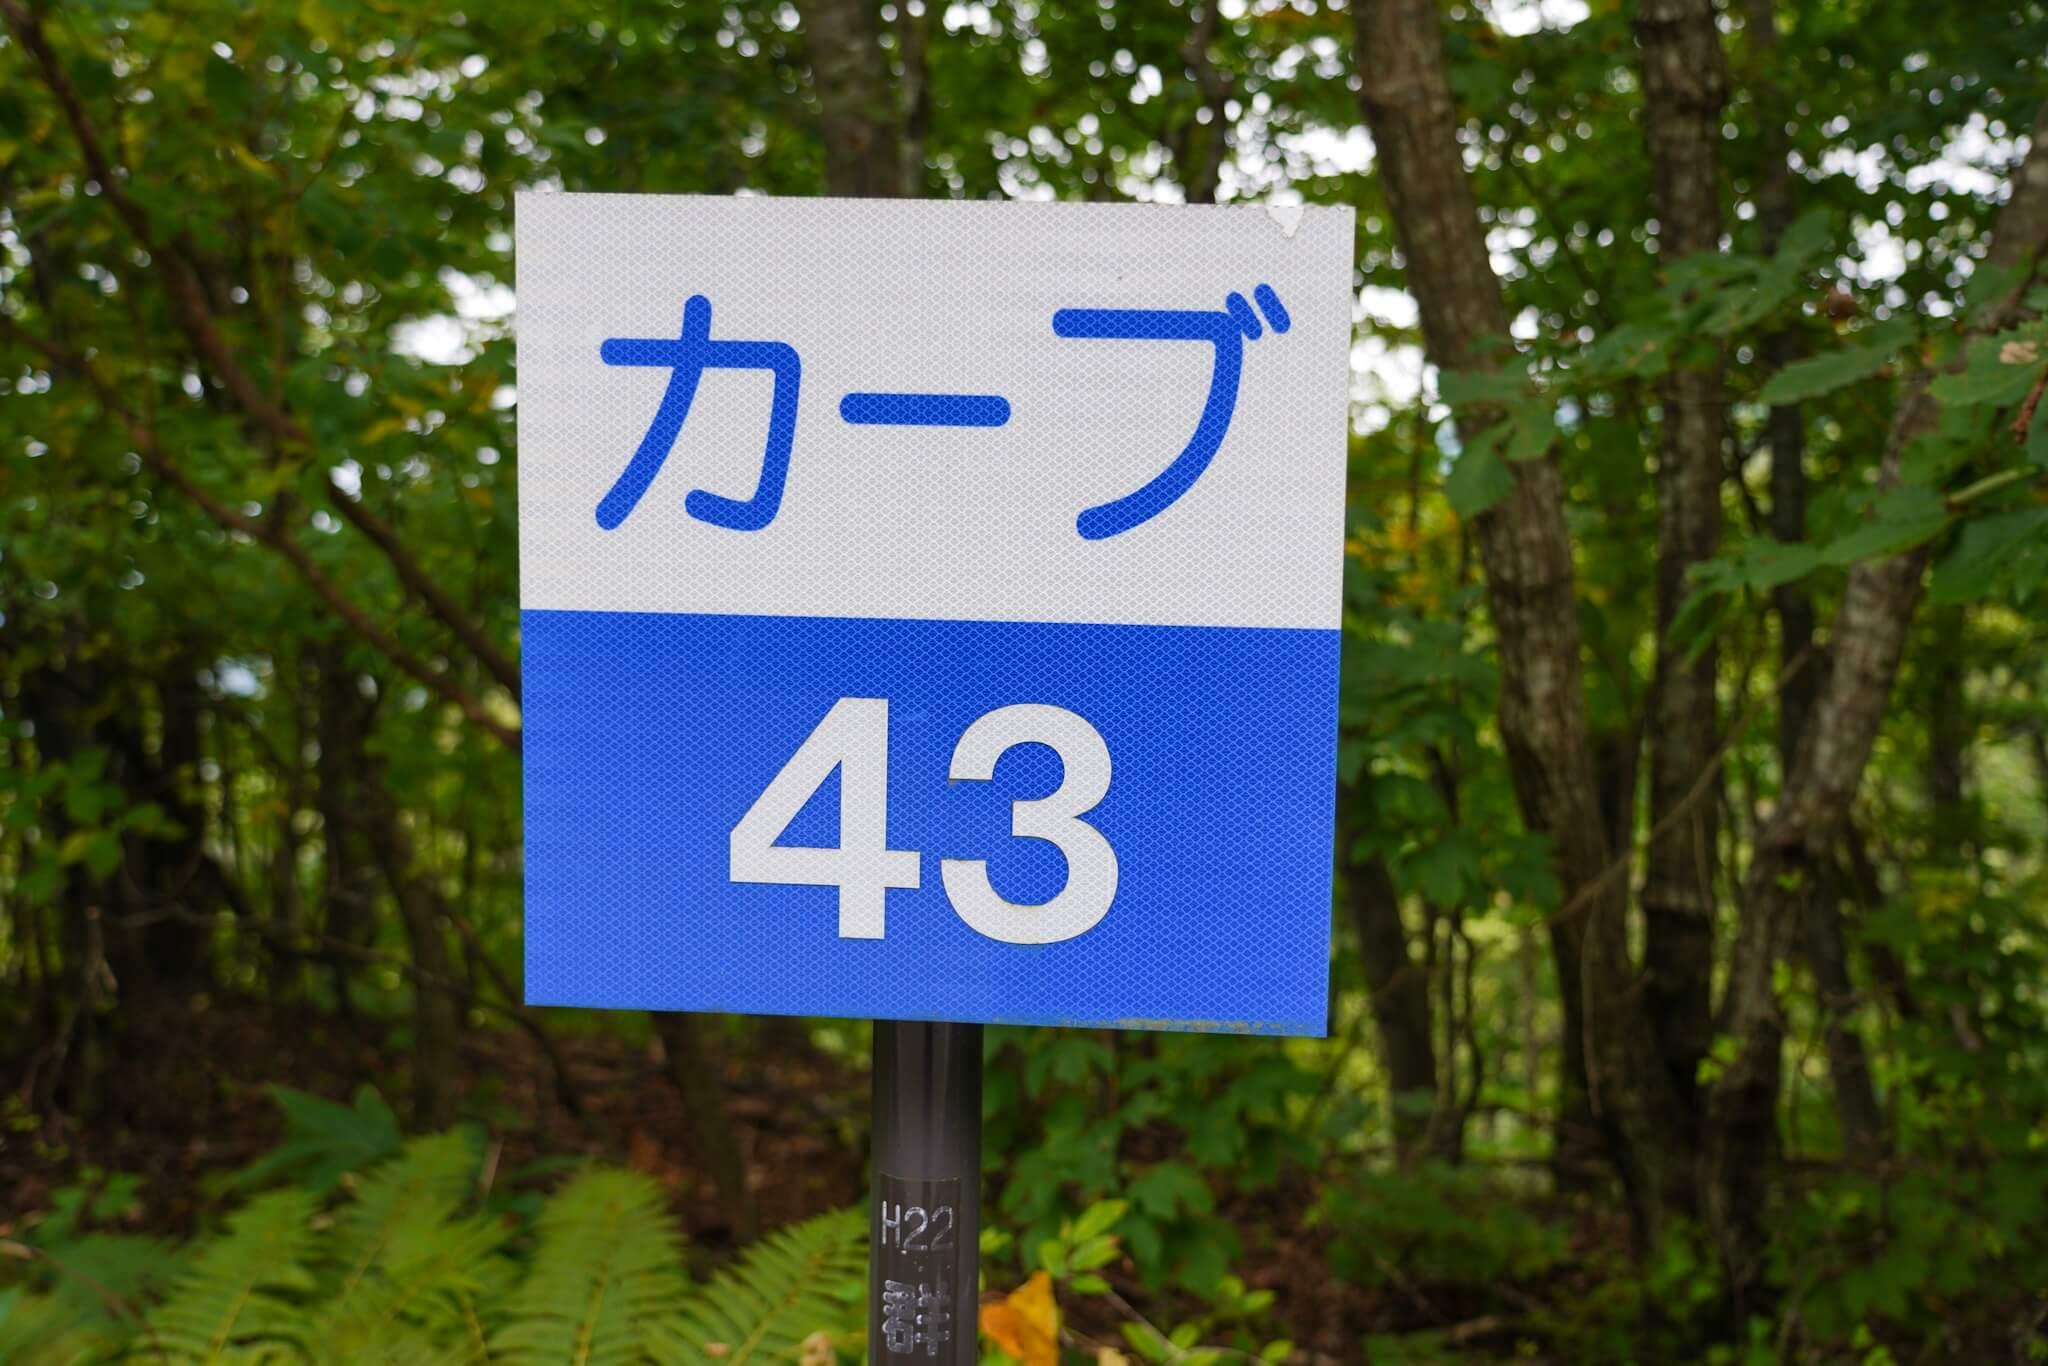 赤城山 峠 カーブNo.43